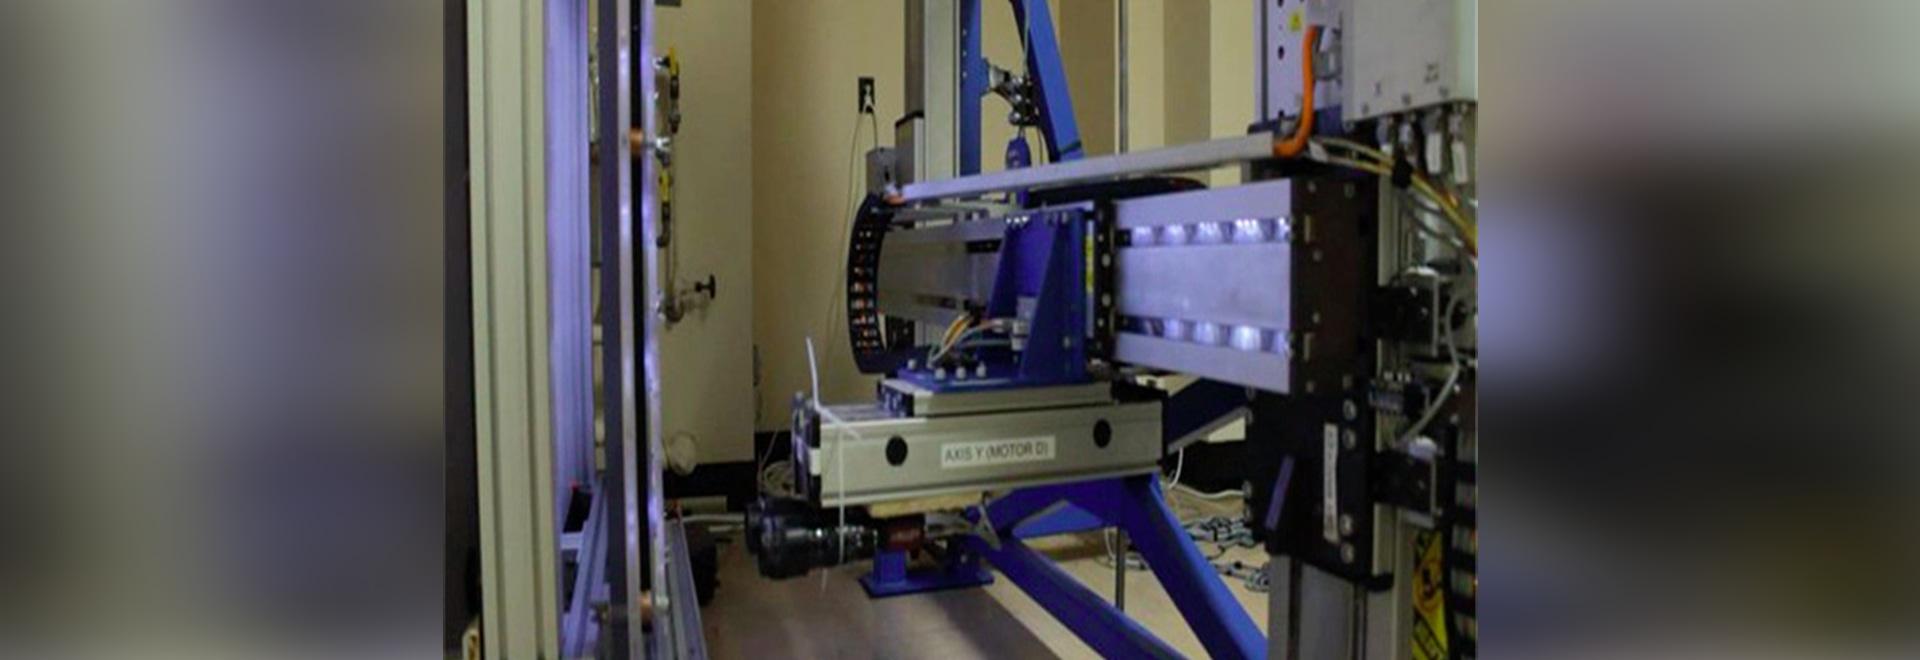 Linear-Drive-XYZ-robot